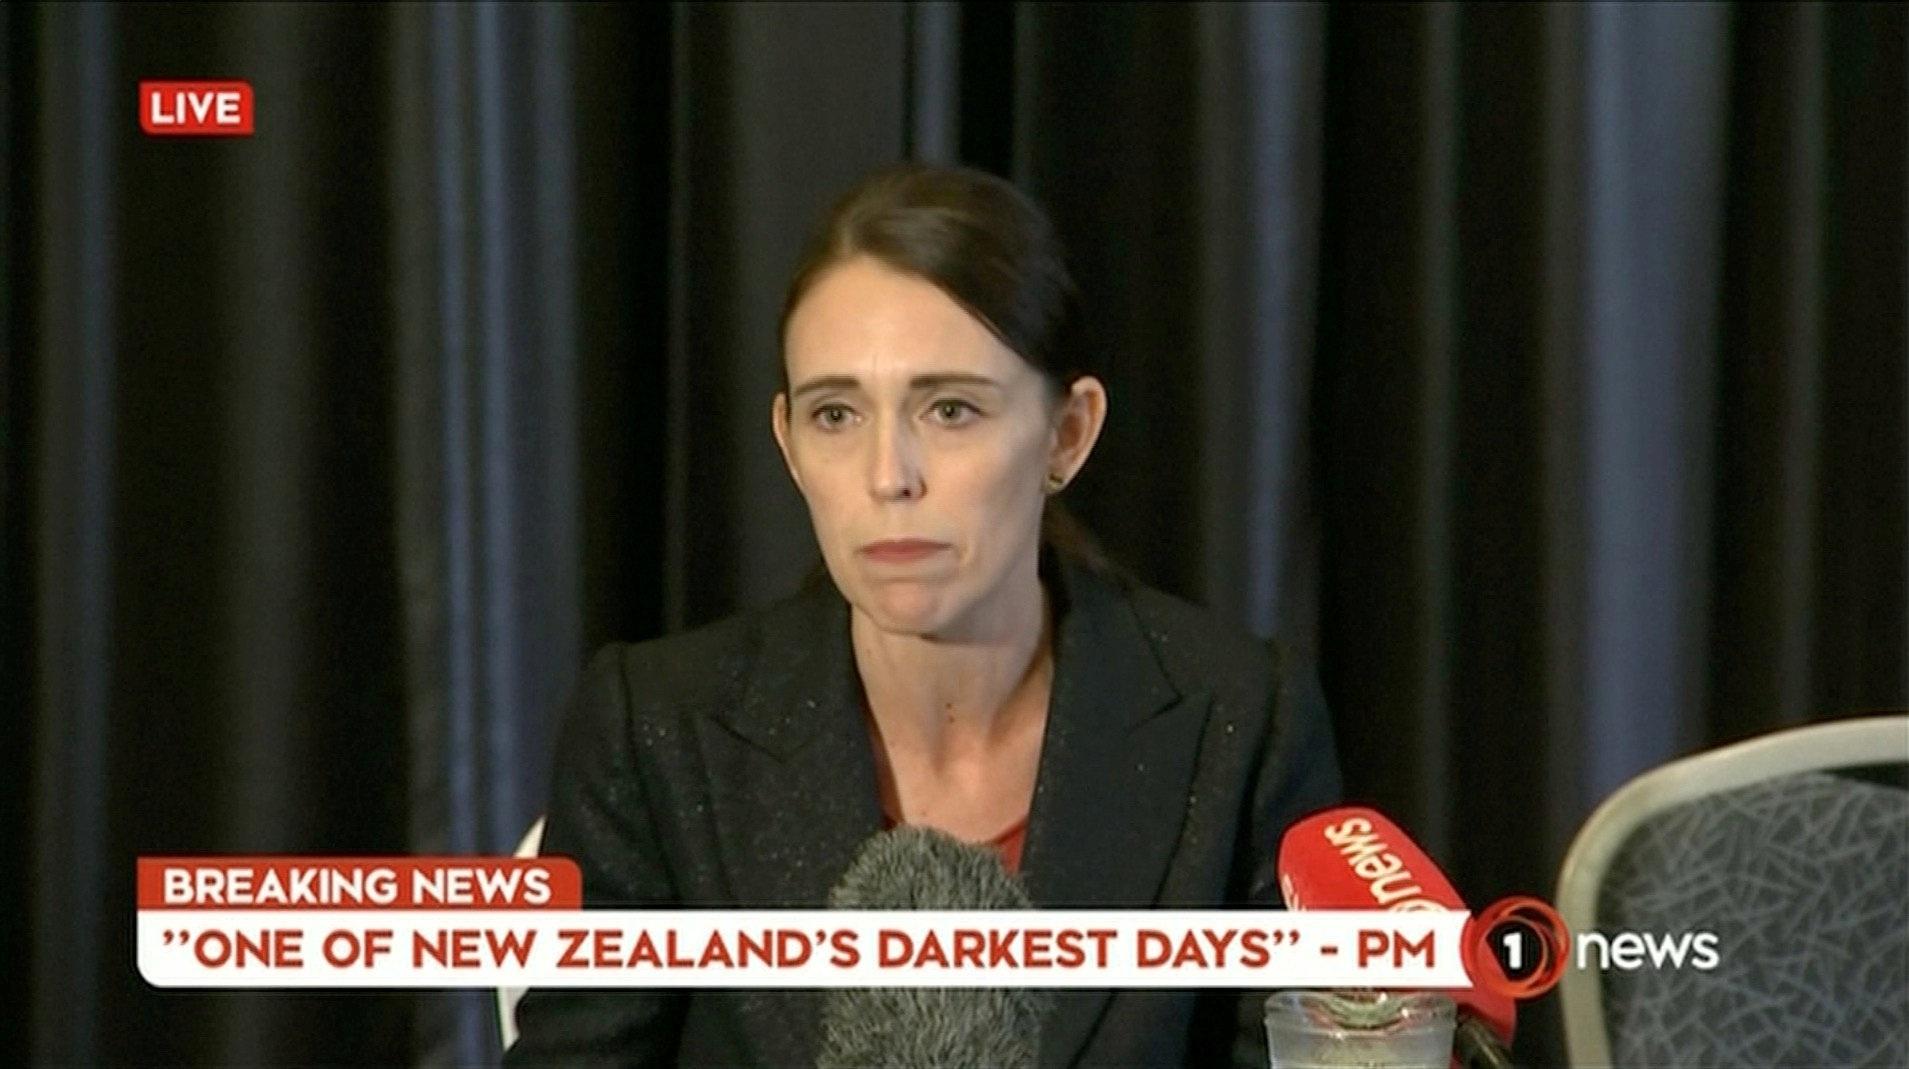 Thủ tướng New Zealand xác nhận ít nhất 40 người đã thiệt mạng trong 2 vụ xả súng